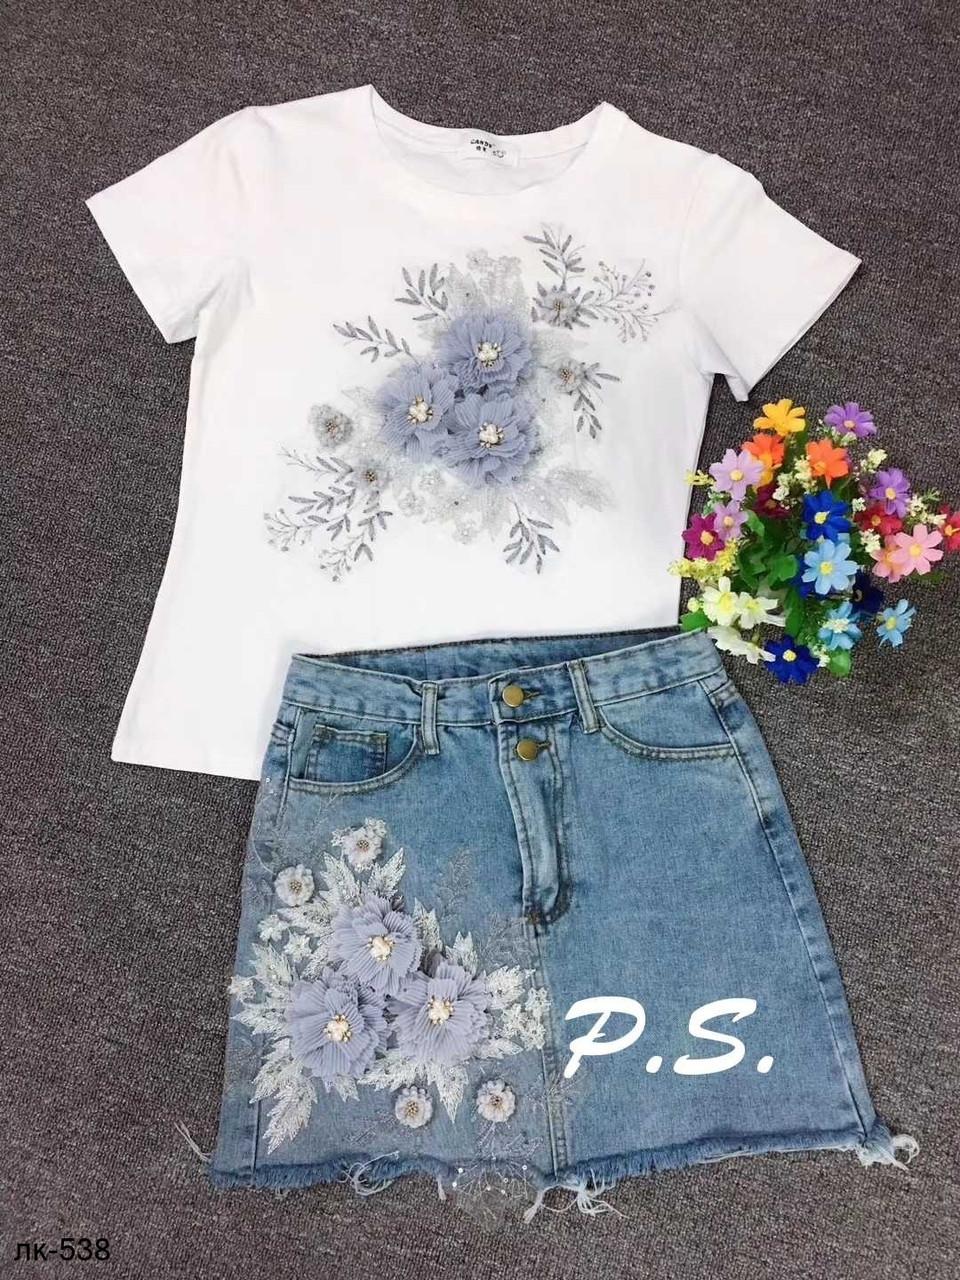 bcf3401bd86745 Купить Женский стильный костюм: футболка и джинсовая юбка 2 цвета в ...